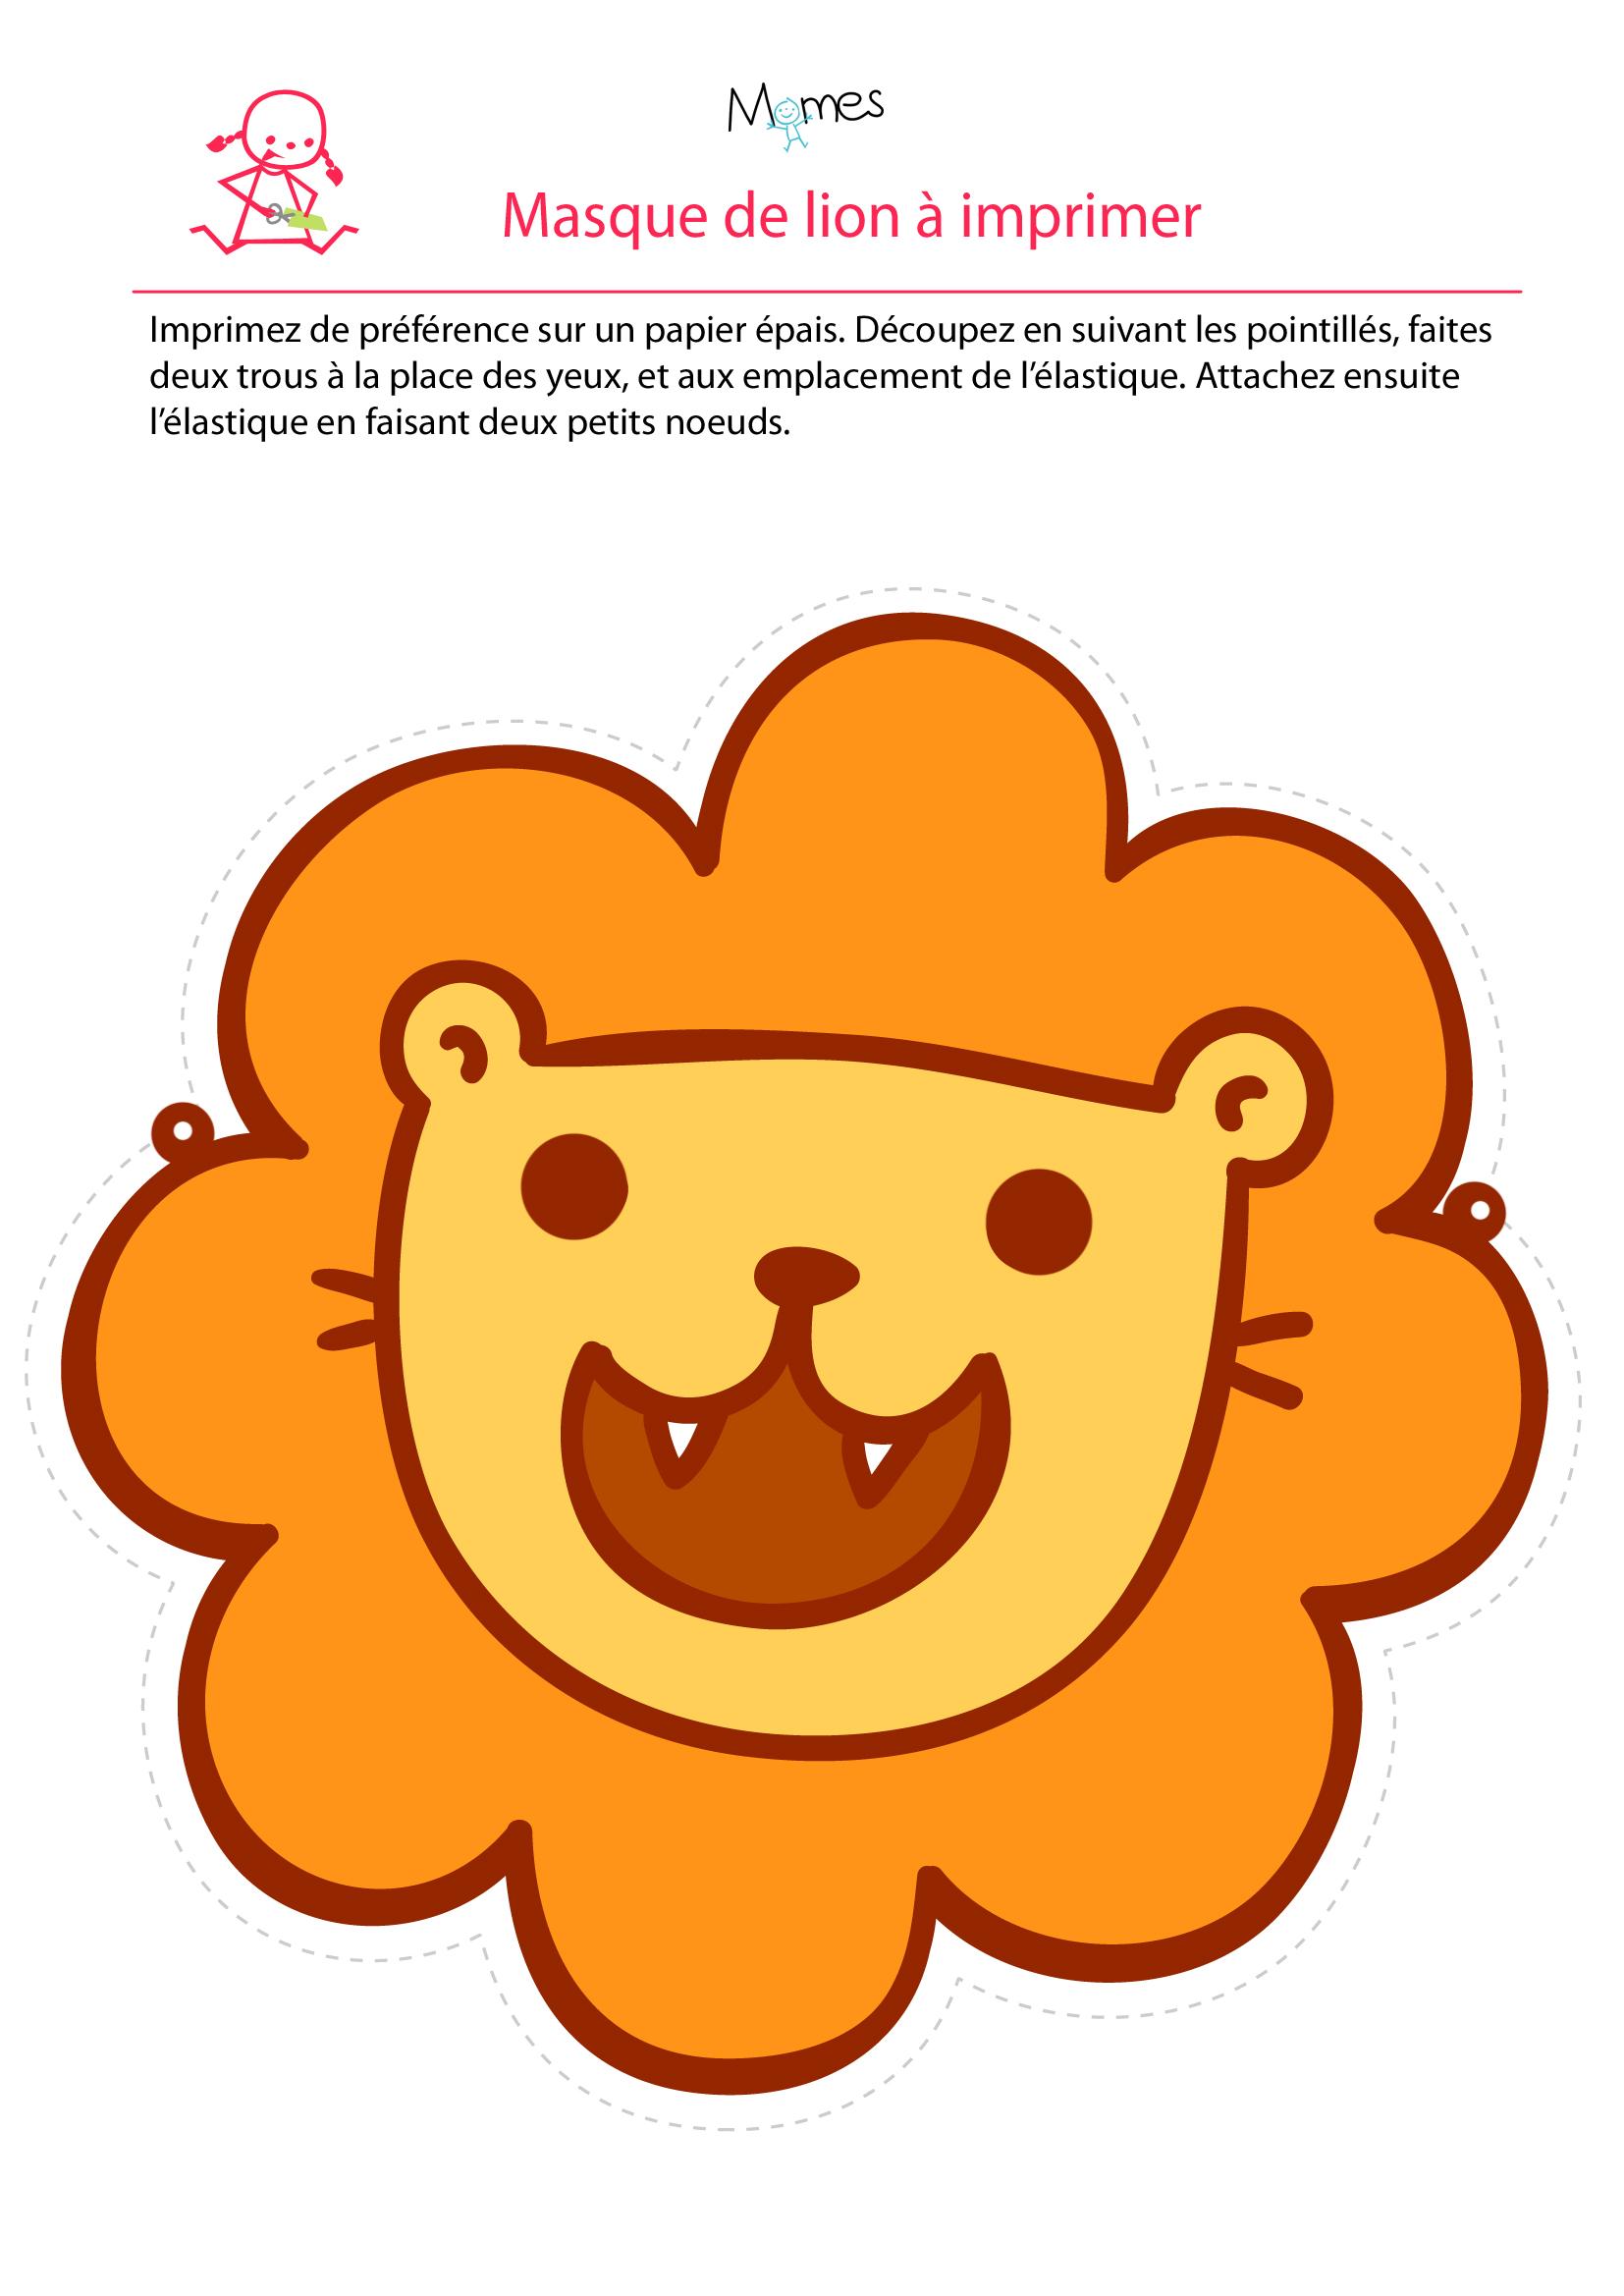 Masque de lion - Images de lions a imprimer ...